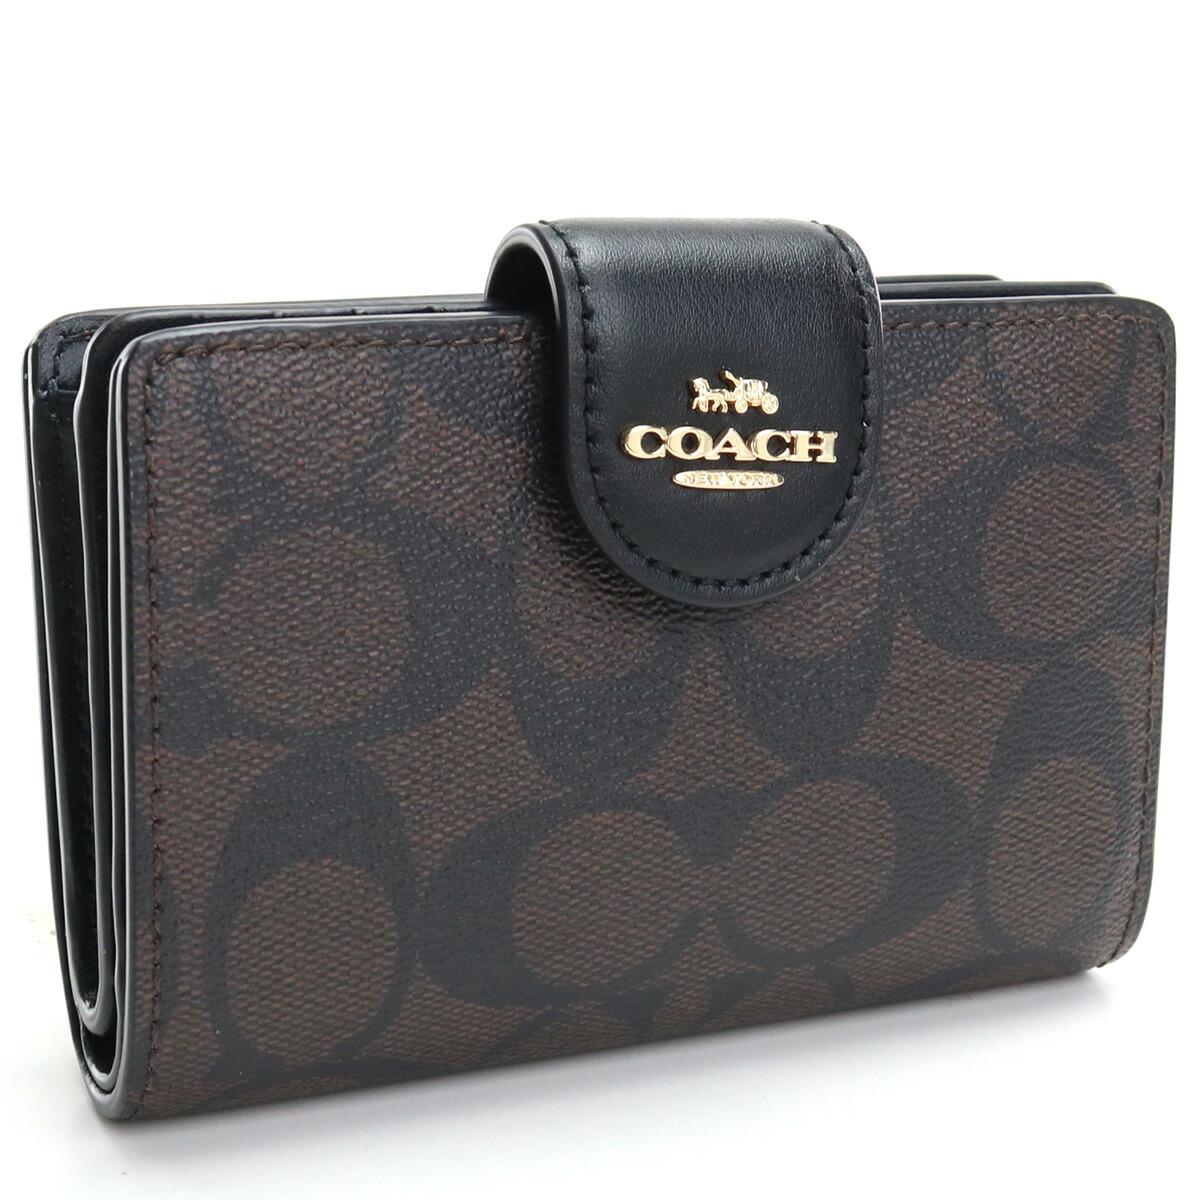 コーチ COACH  2つ折り財布 C0082 IMAA8 ブラウン系 ブラック